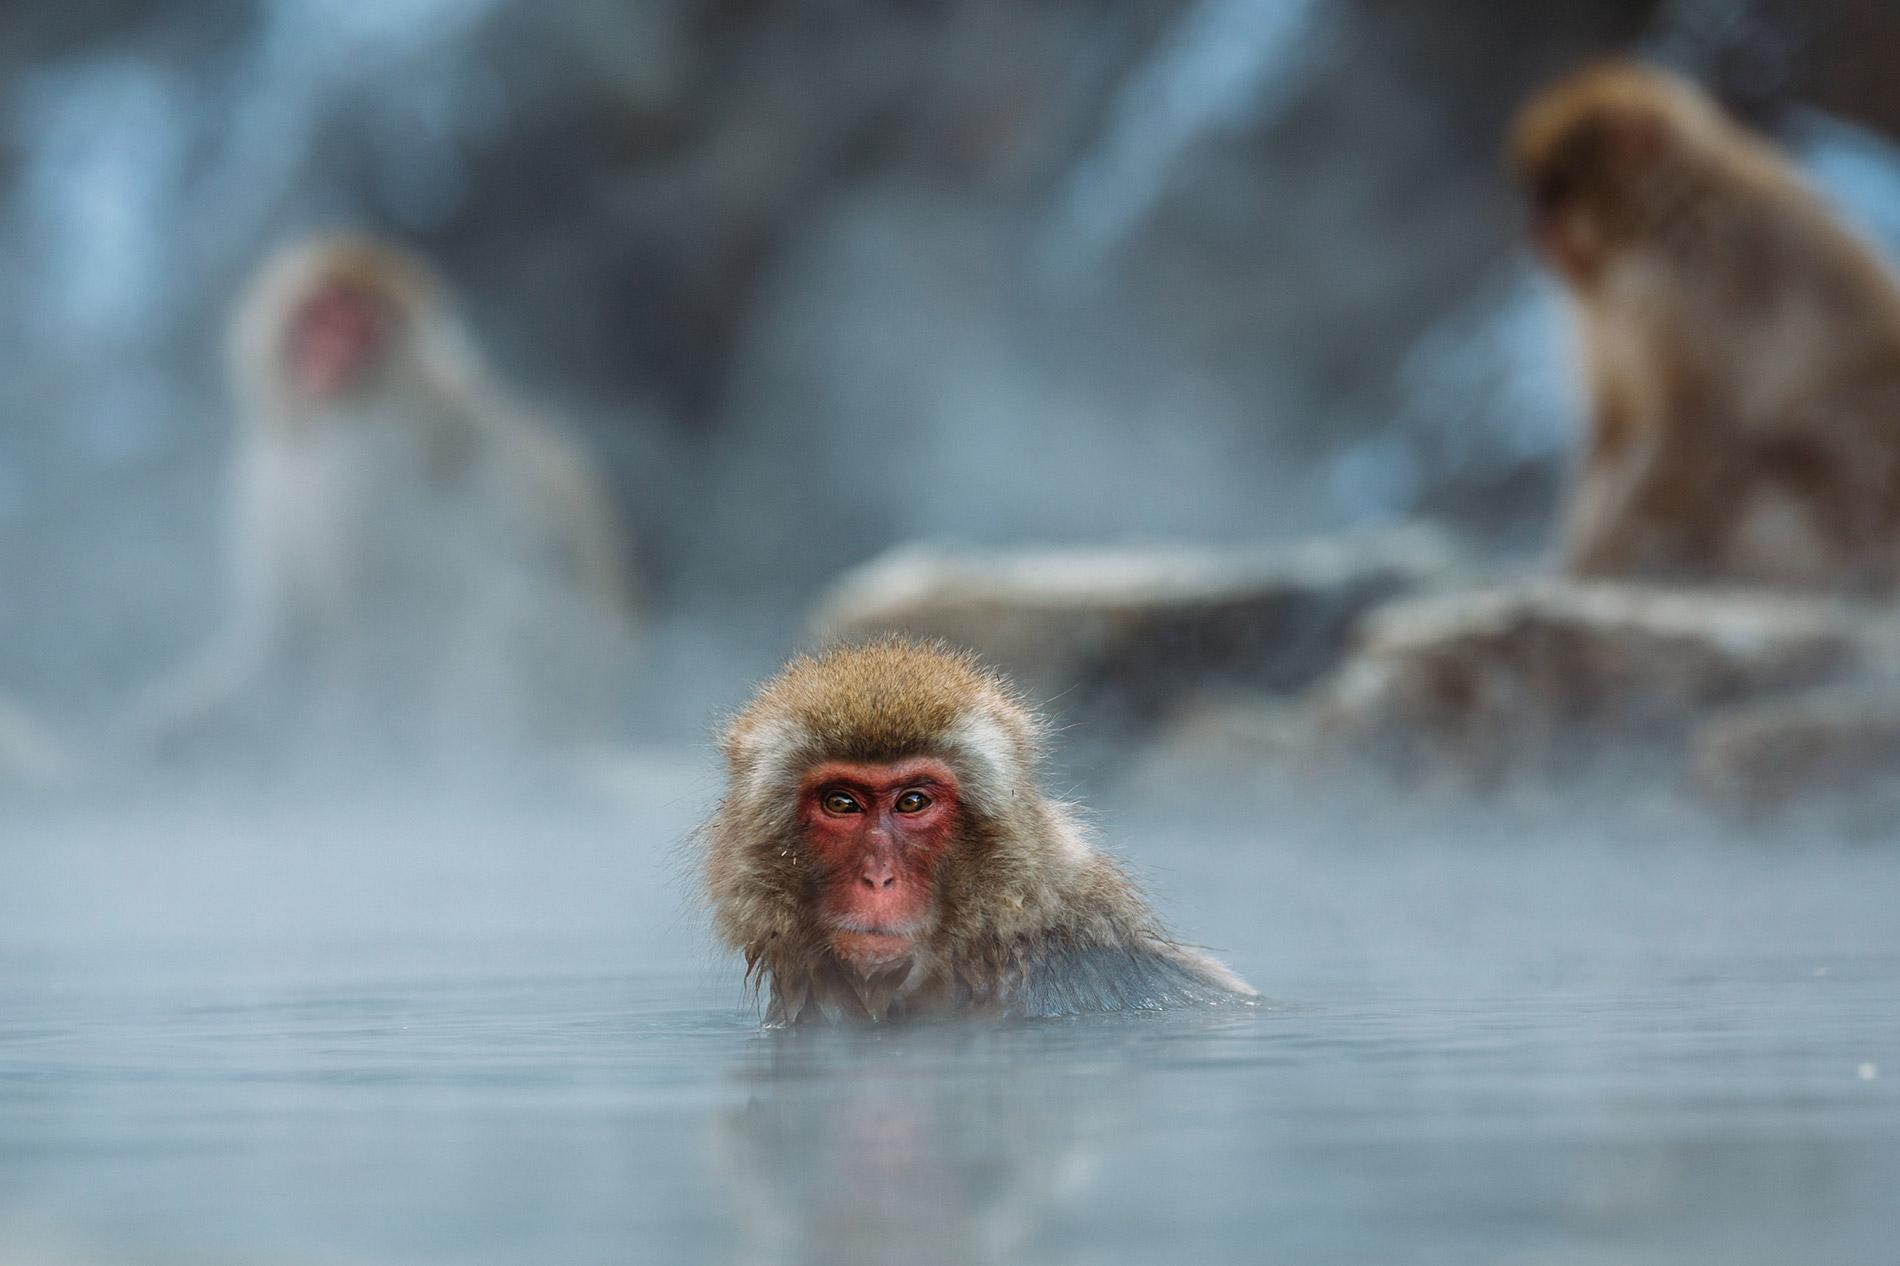 Die berühmten im Onsen badenden Affen im Jigokudani Snow Monkey Park.